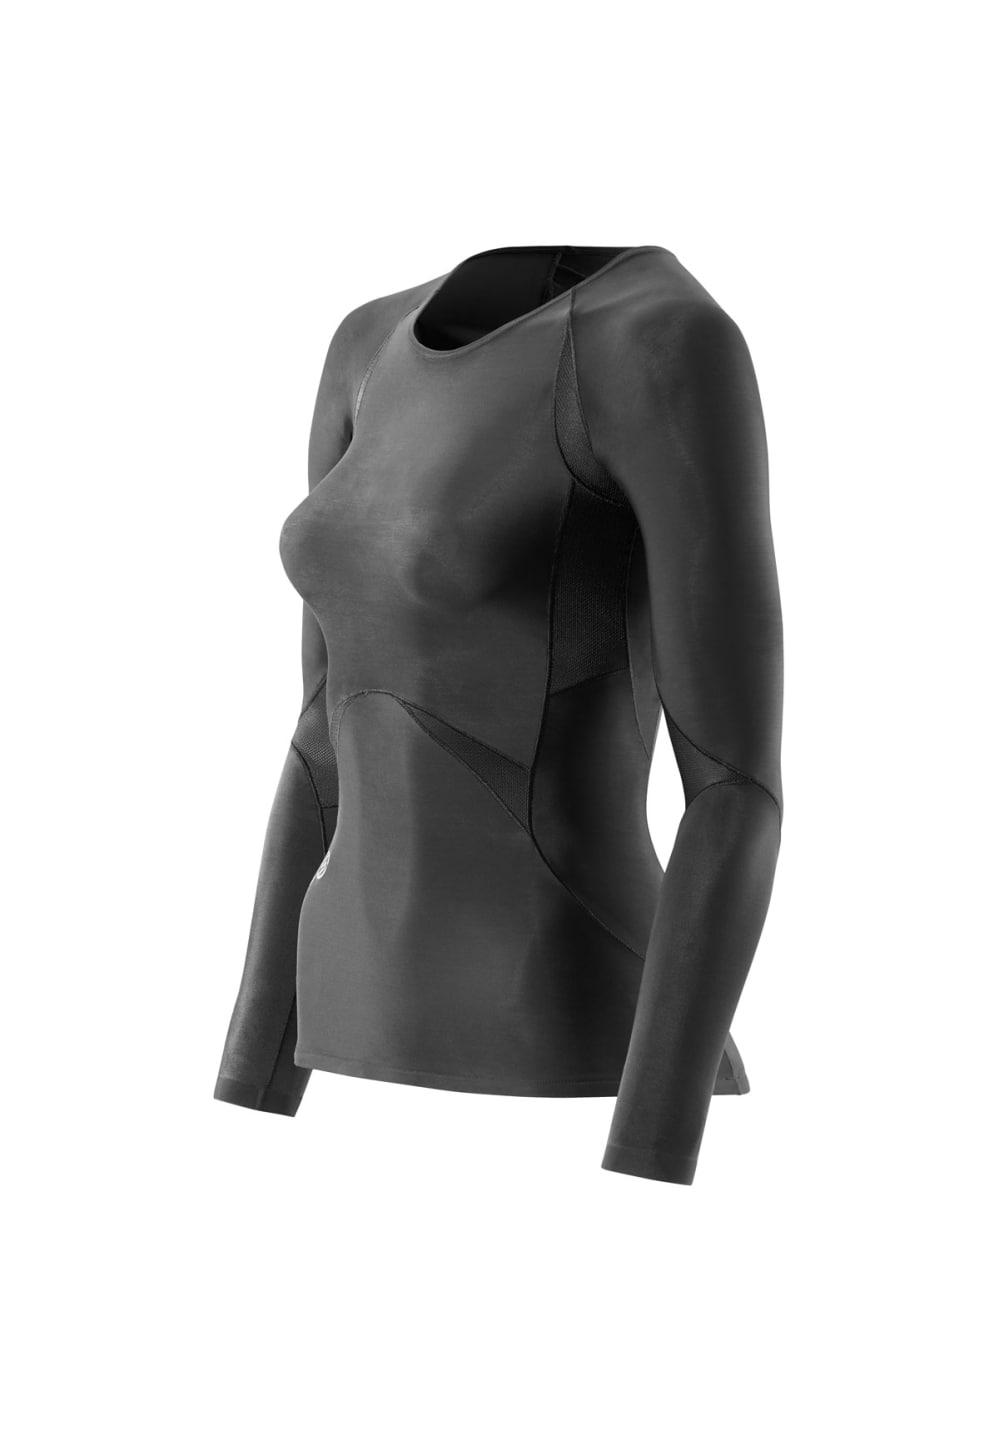 Skins RY400 Top Long Sleeve - Laufshirts für Damen - Schwarz, Gr. M